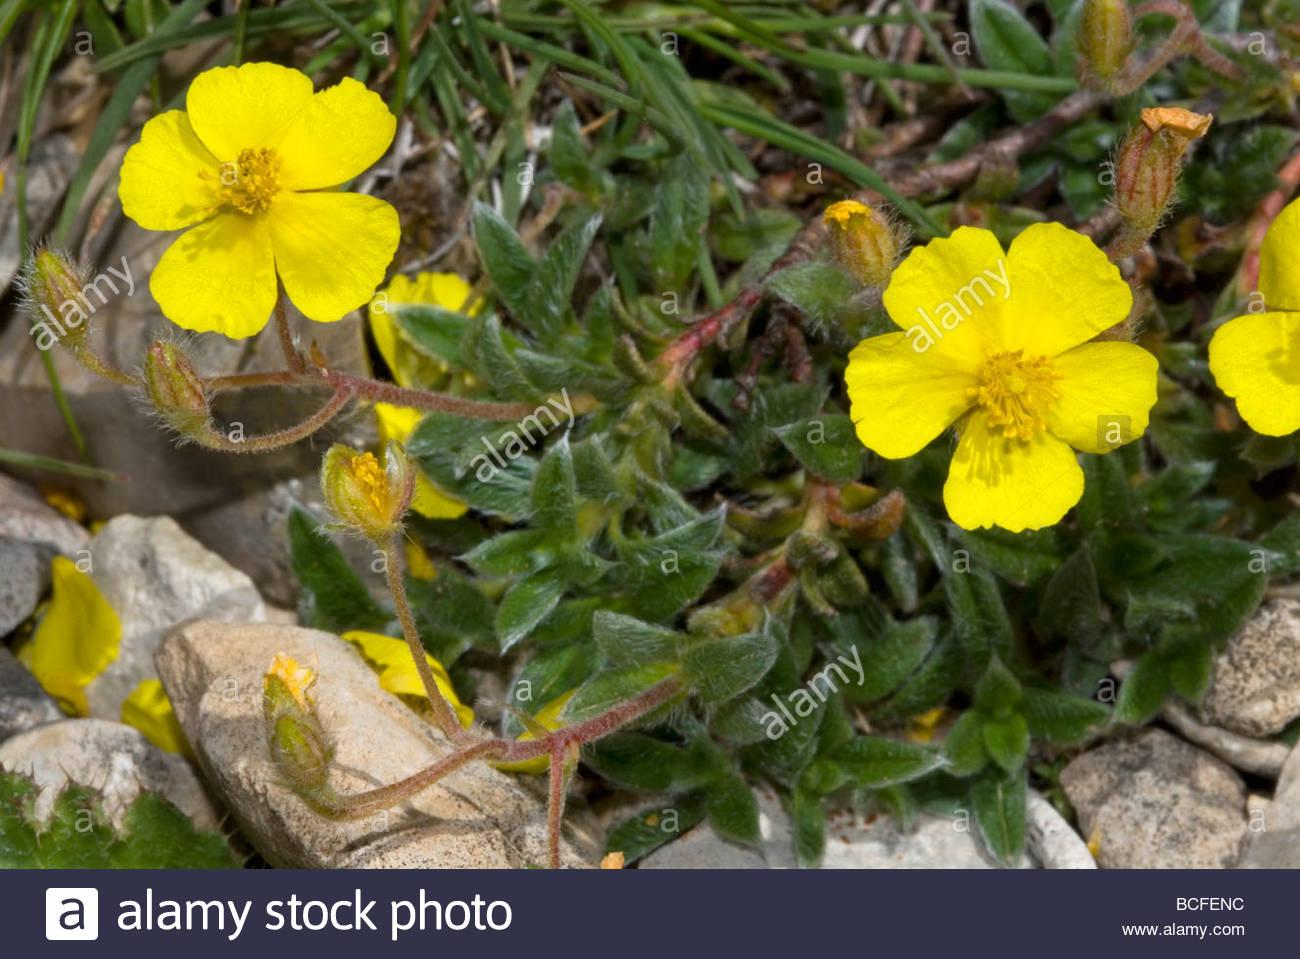 Fiori Gialli In Montagna.Fiori Gialli Di Ranunculus Montanus O Ranuncolo Di Montagna Foto